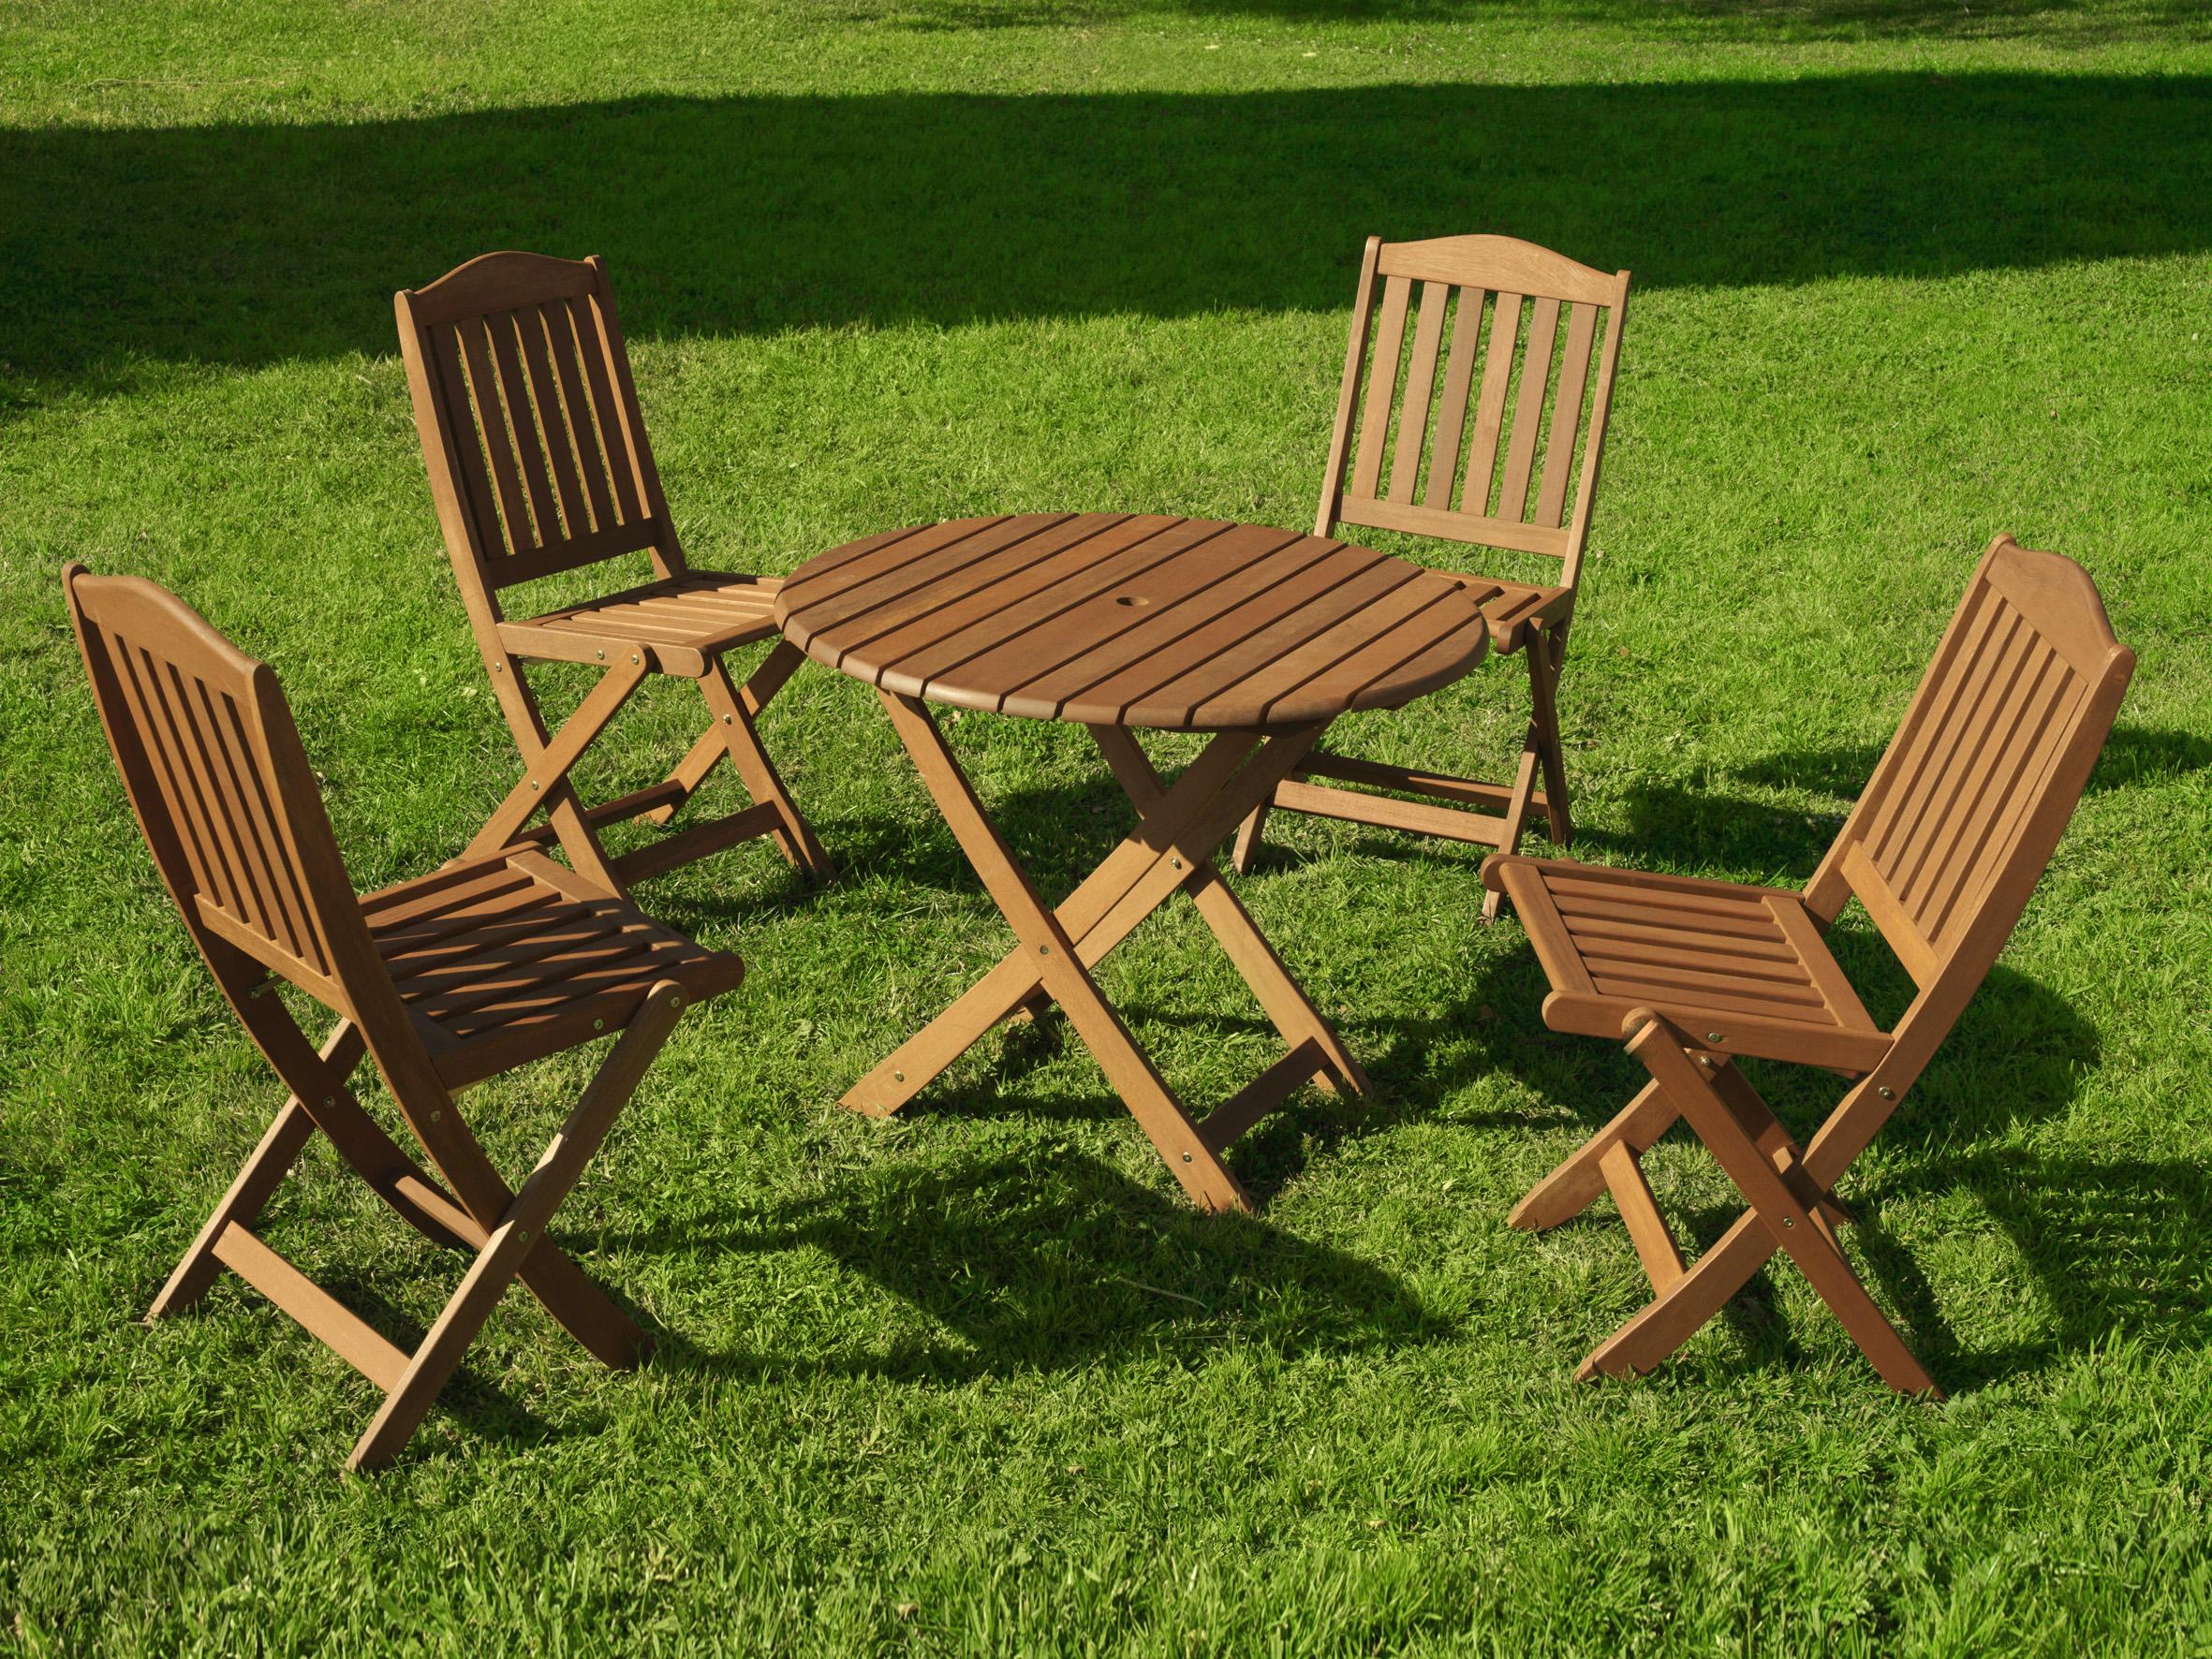 Mobiliario para exterior mesas y sillas papillon conjunto for Rebajas mobiliario jardin